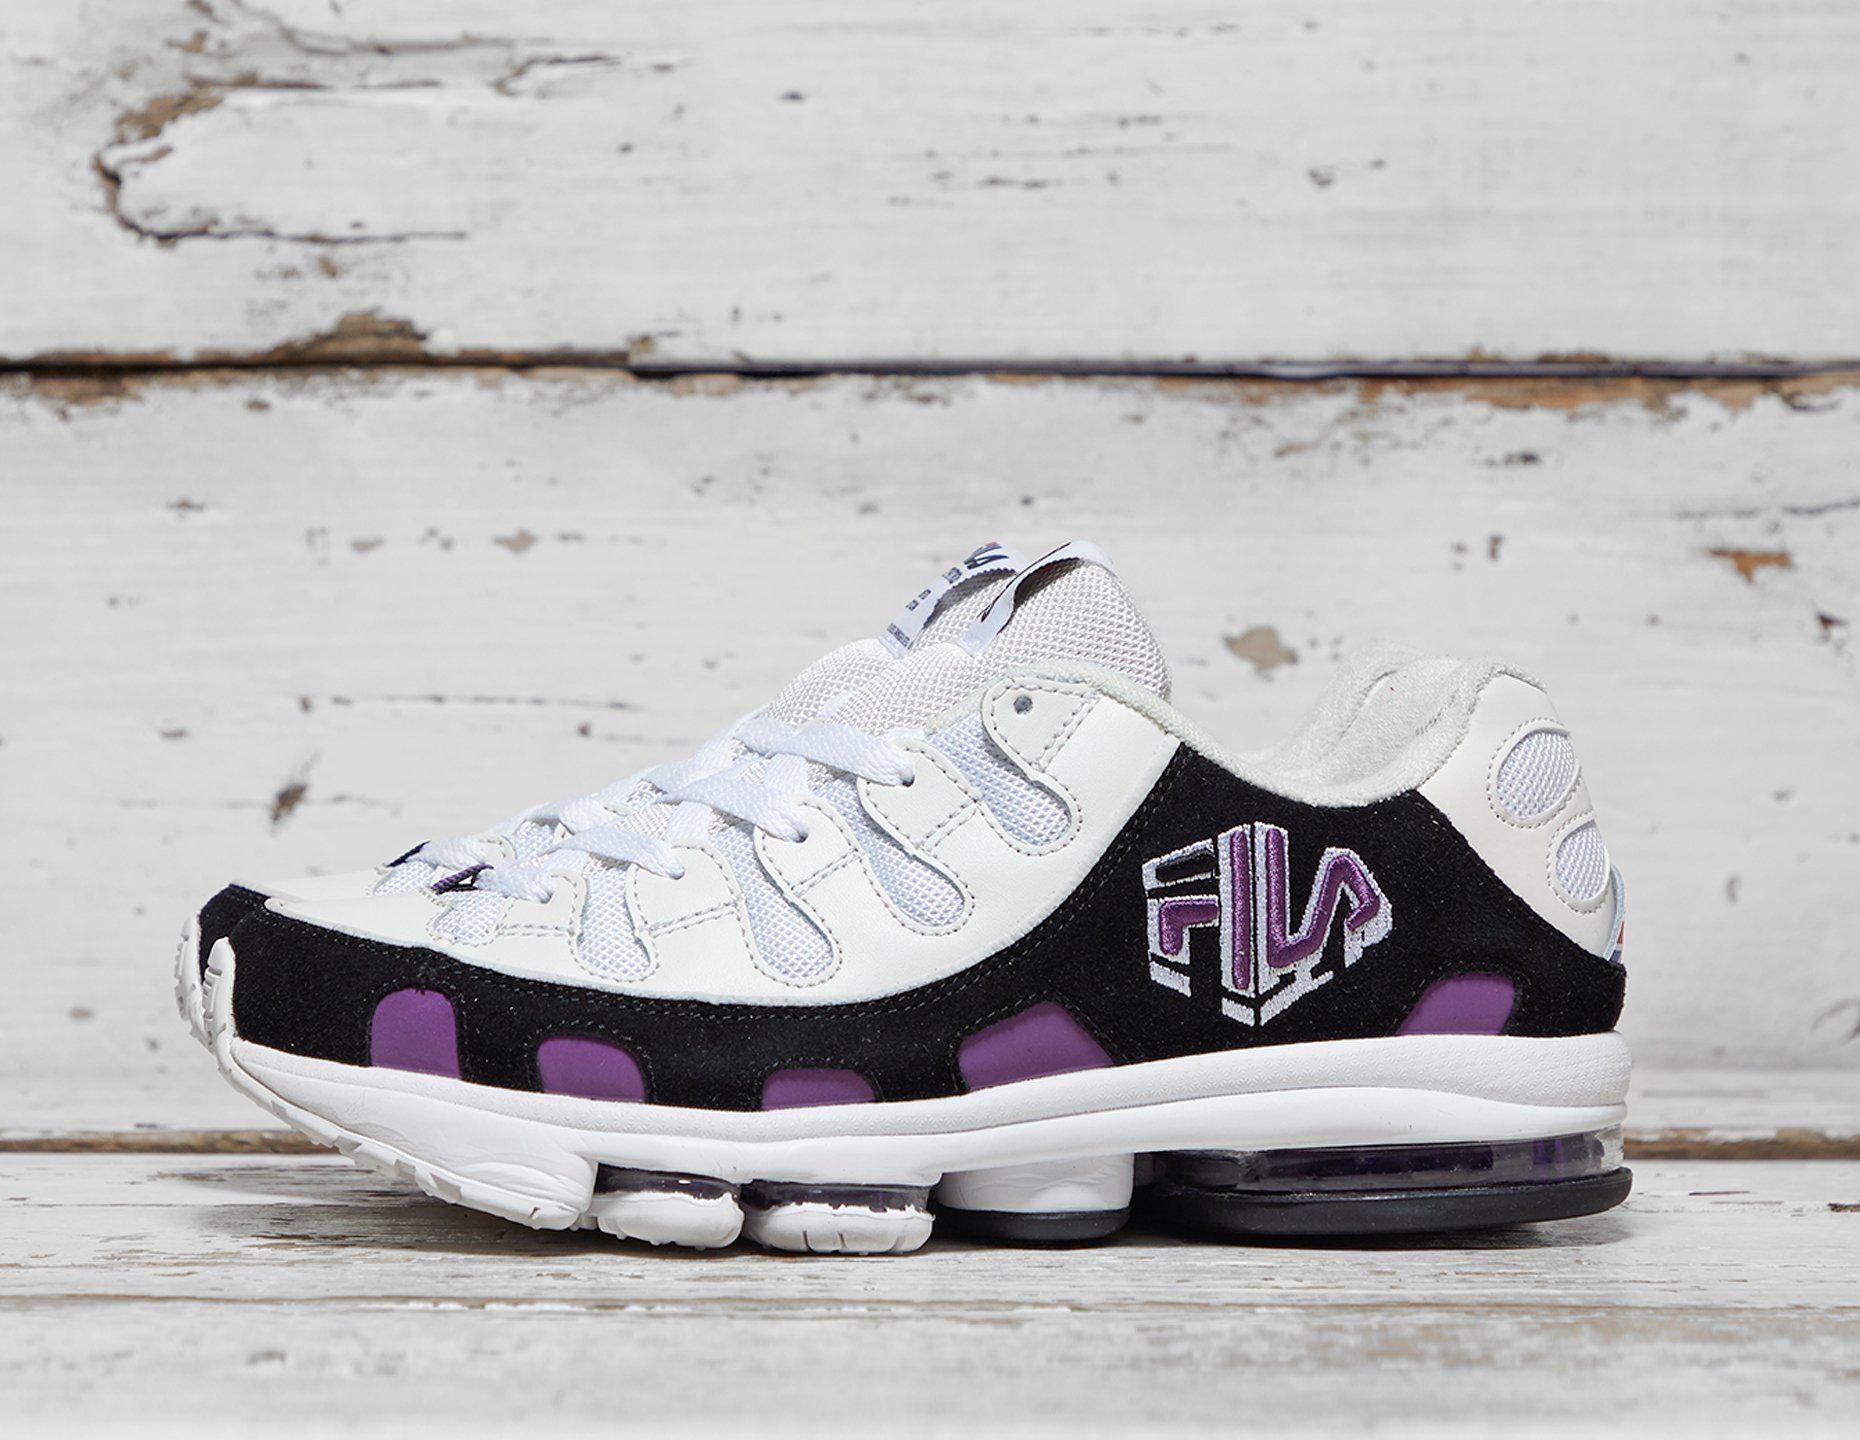 Fila x Footpatrol SILVA Women's